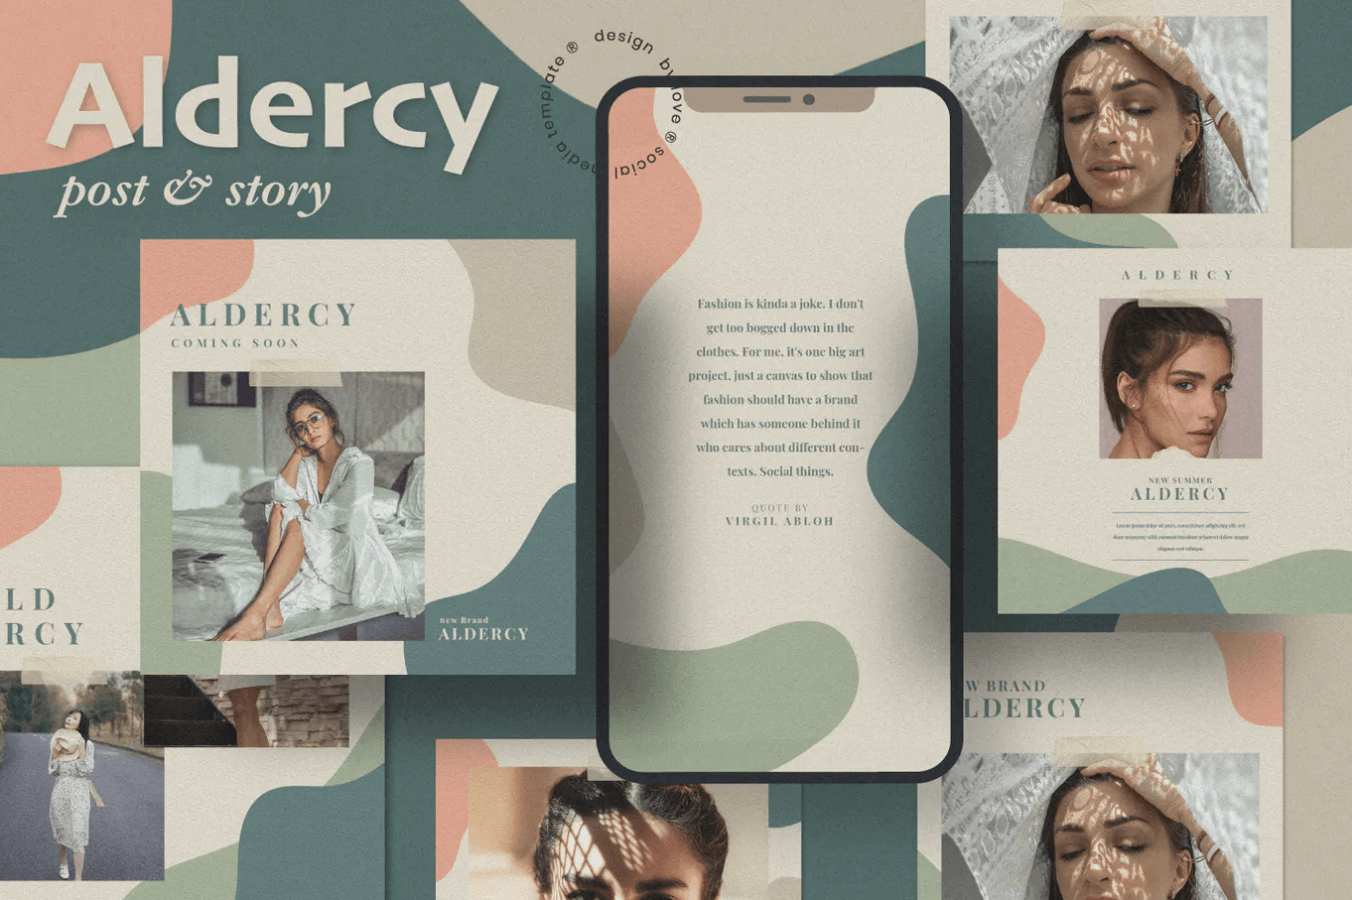 Aldercy Post社交媒体ui界面设计模板